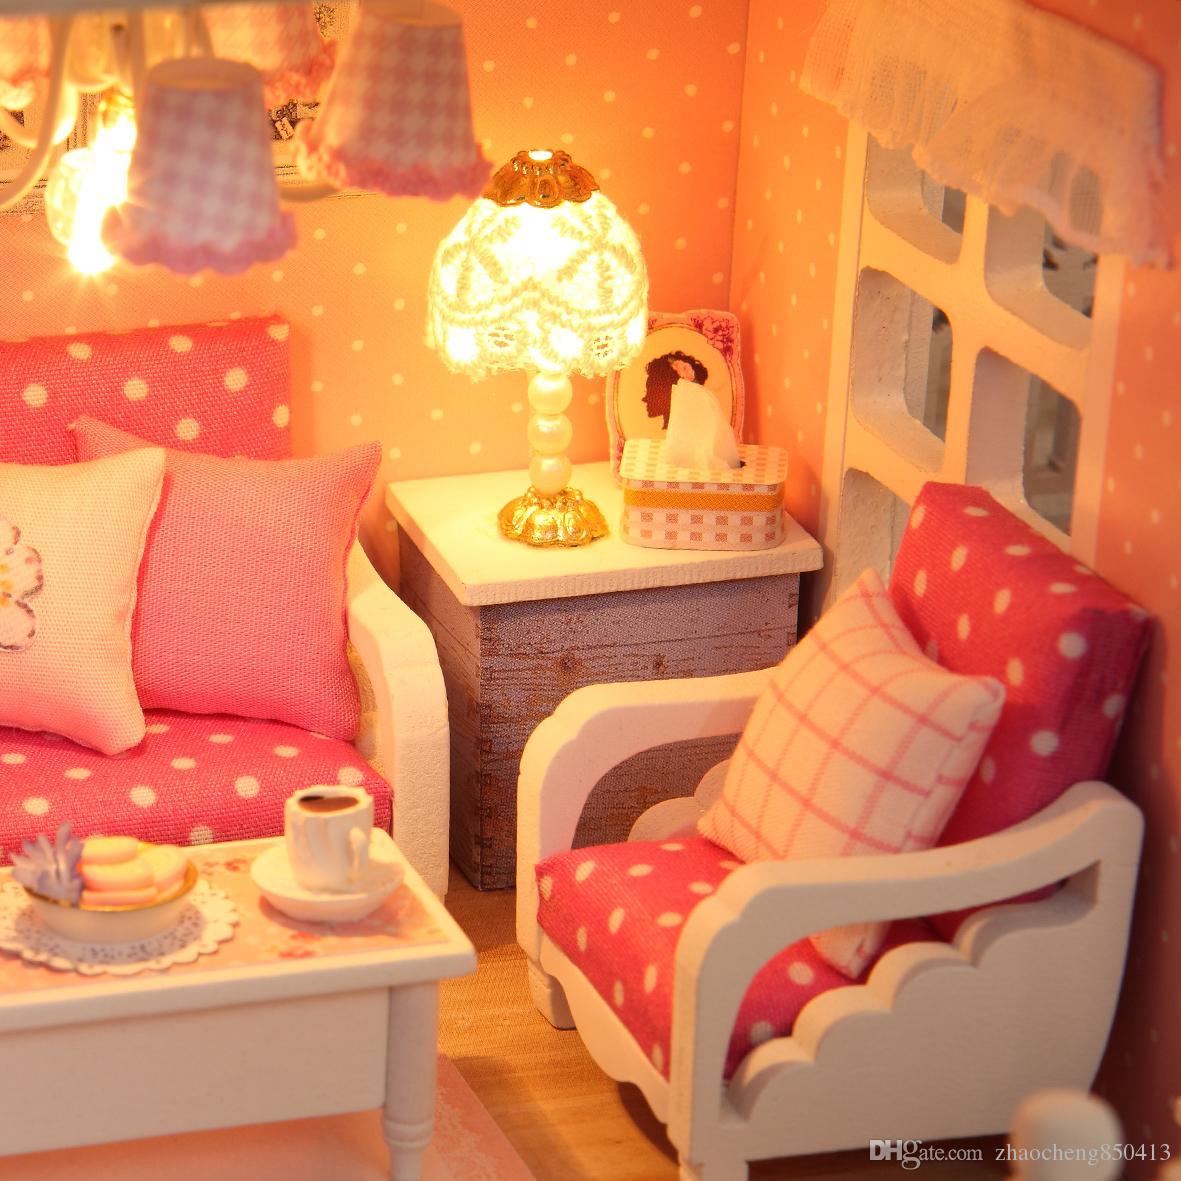 Сыйлықтар Жаңа бренд DIY Doll үйлері Wooden - Қуыршақтар мен керек-жарақтар - фото 6